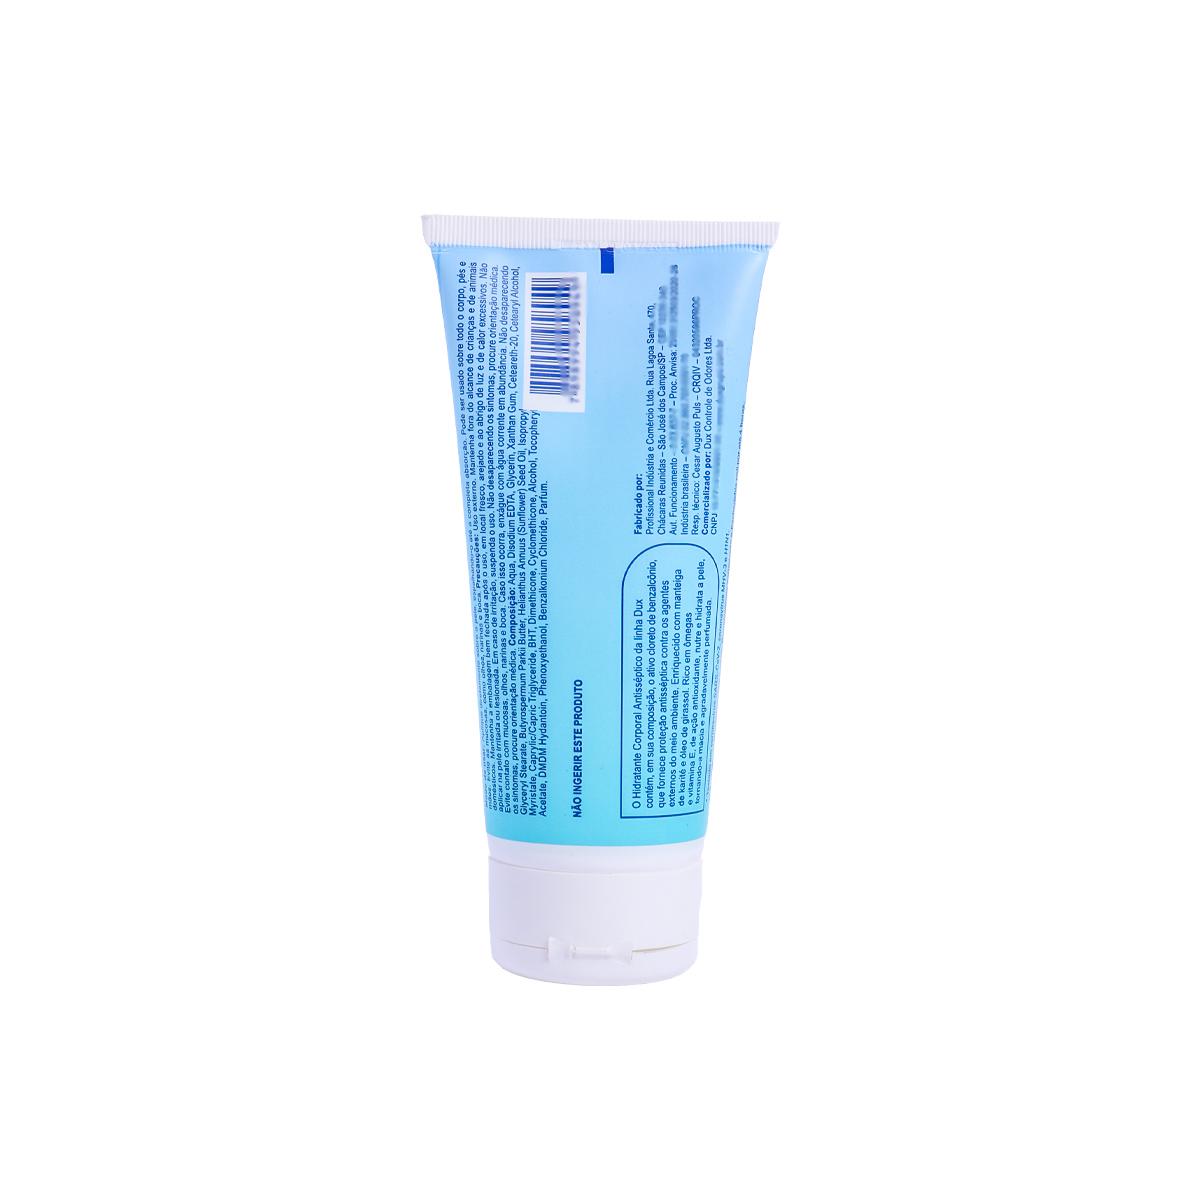 Dux Defender Hidratante Antisséptico 200g